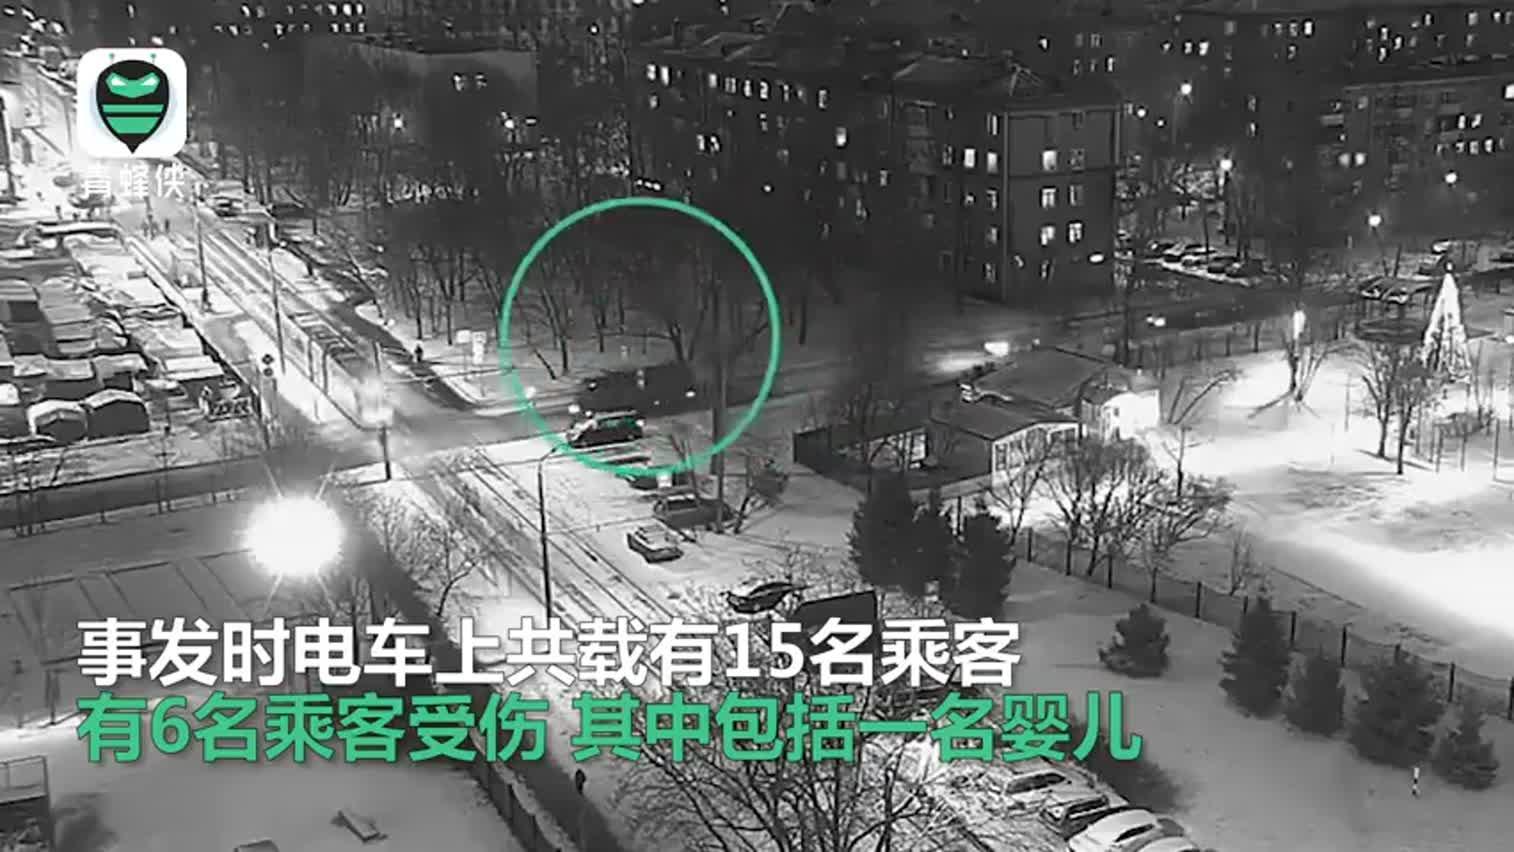 视频:莫斯科电车卡车相撞致6人受伤 现场电光冲天